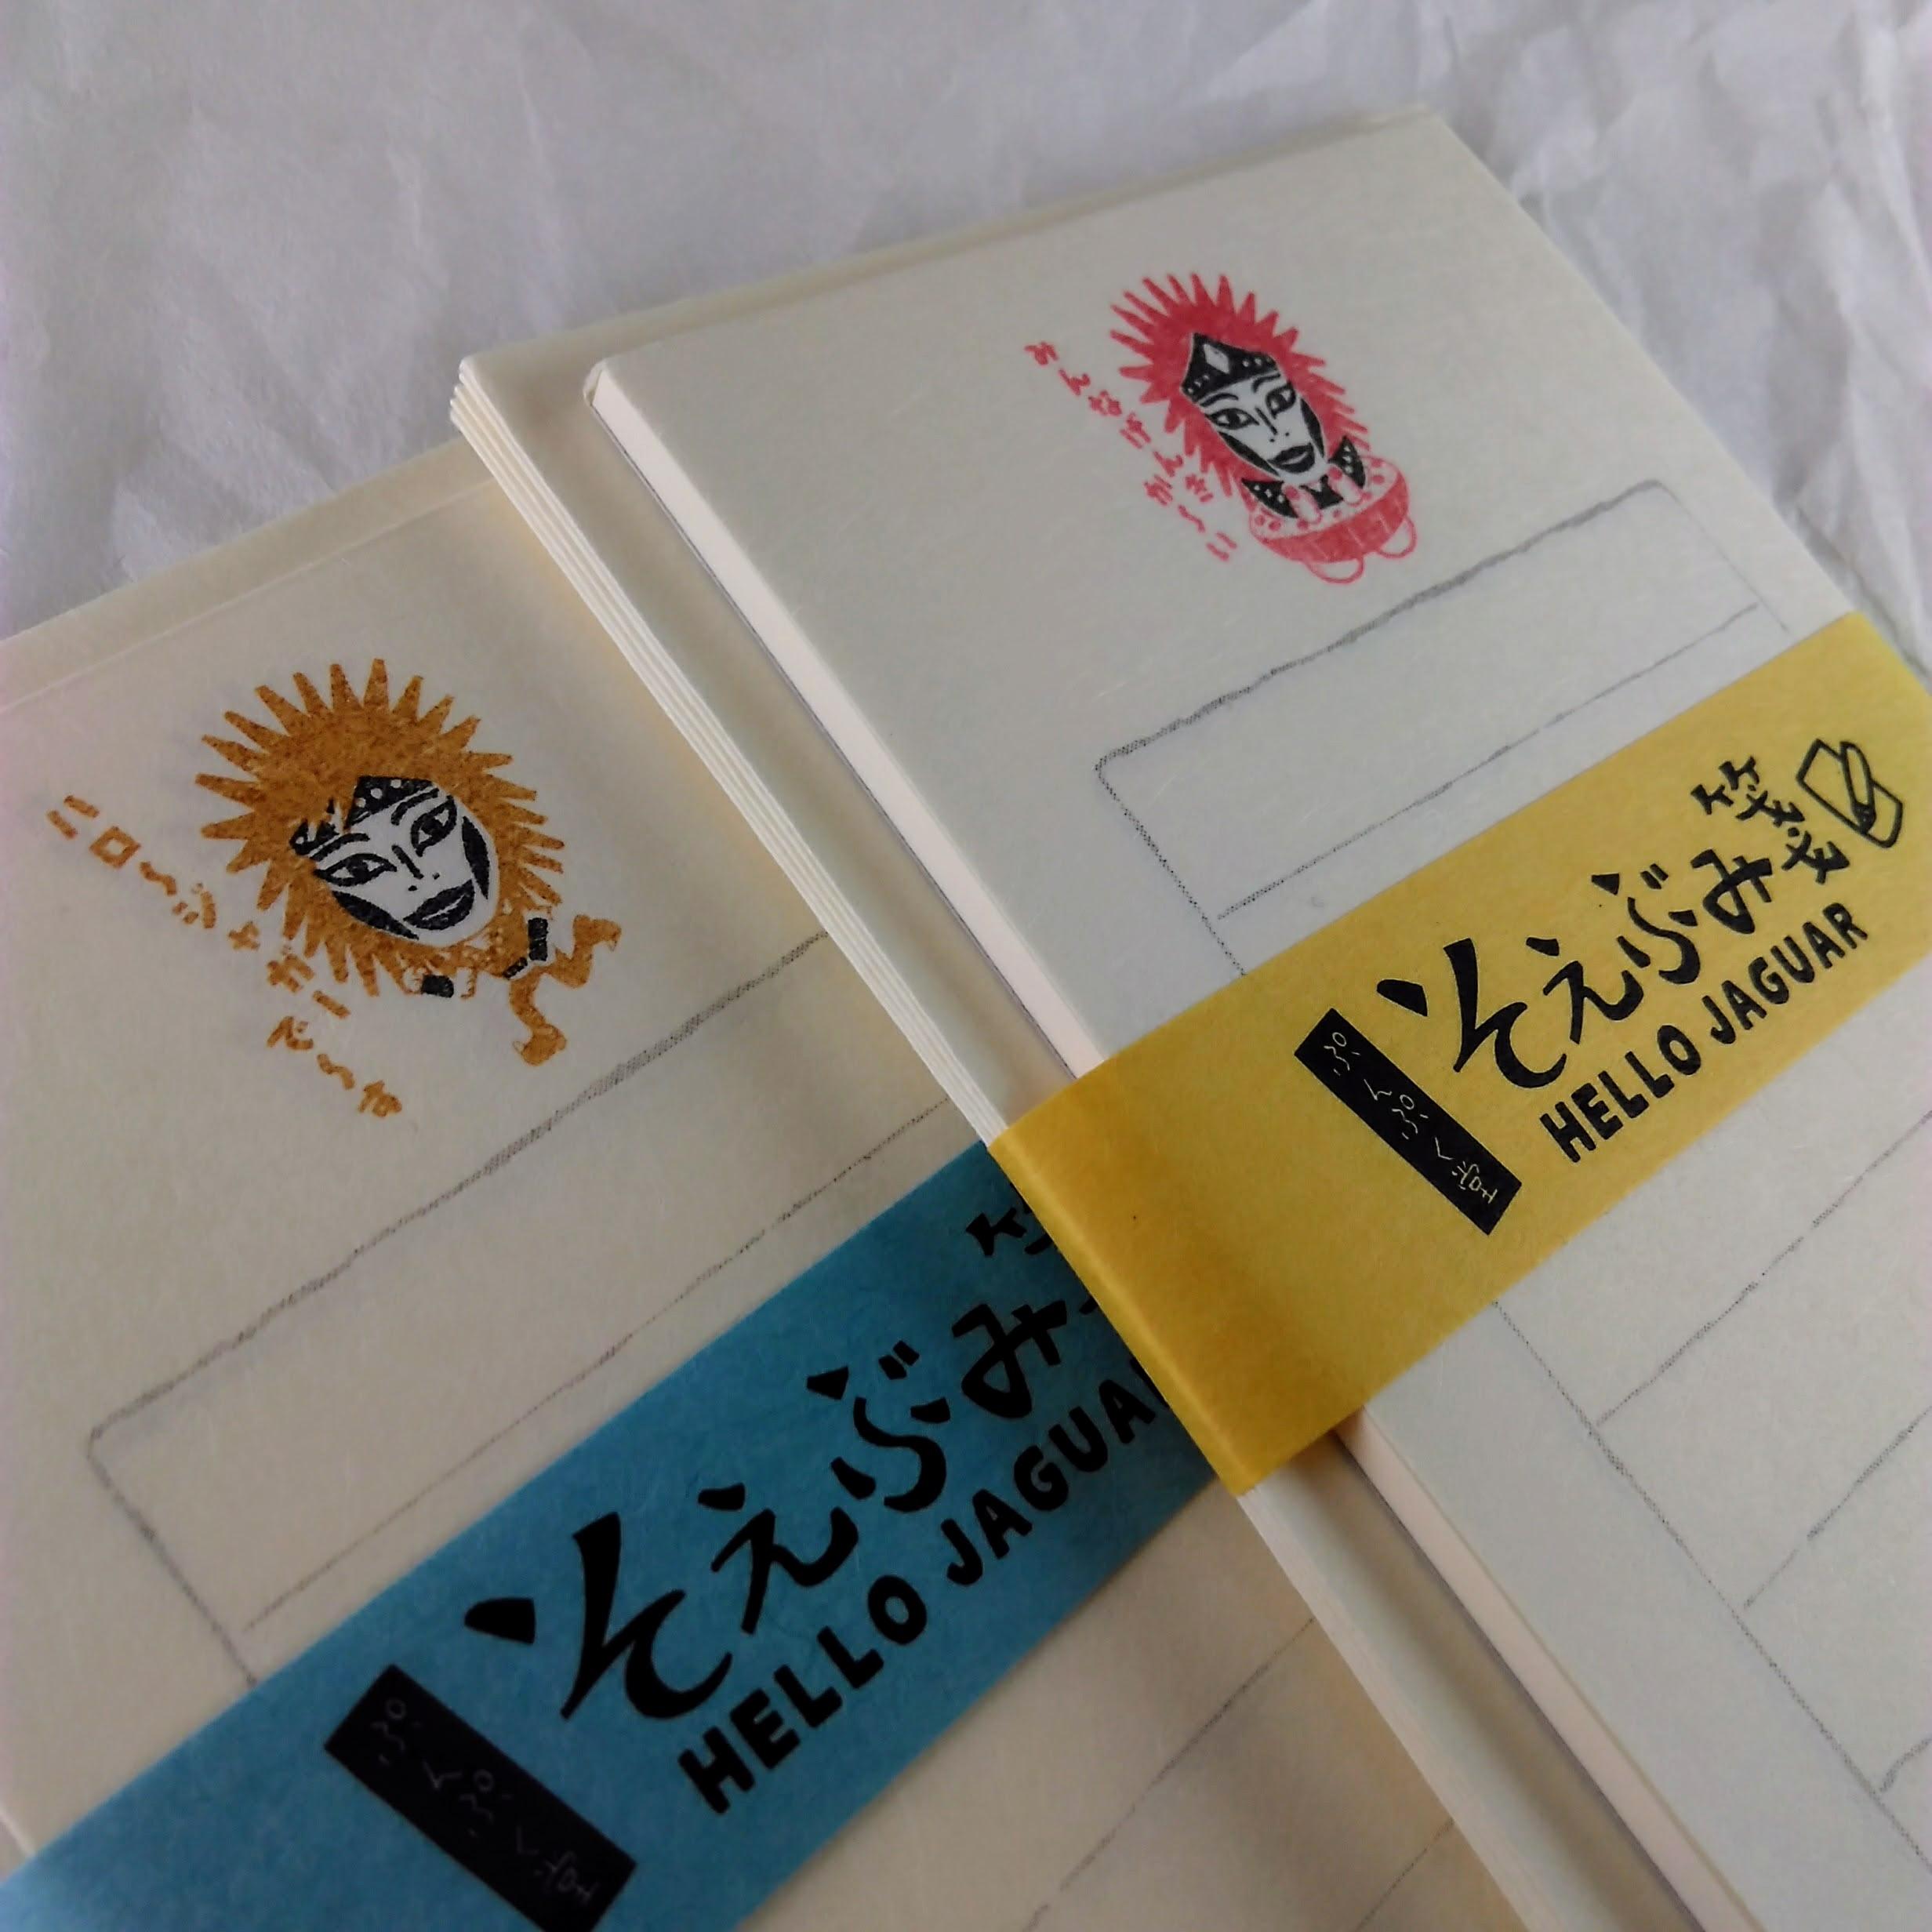 【開業5周年記念】JAGUARさん©のそえぶみ箋発売します。